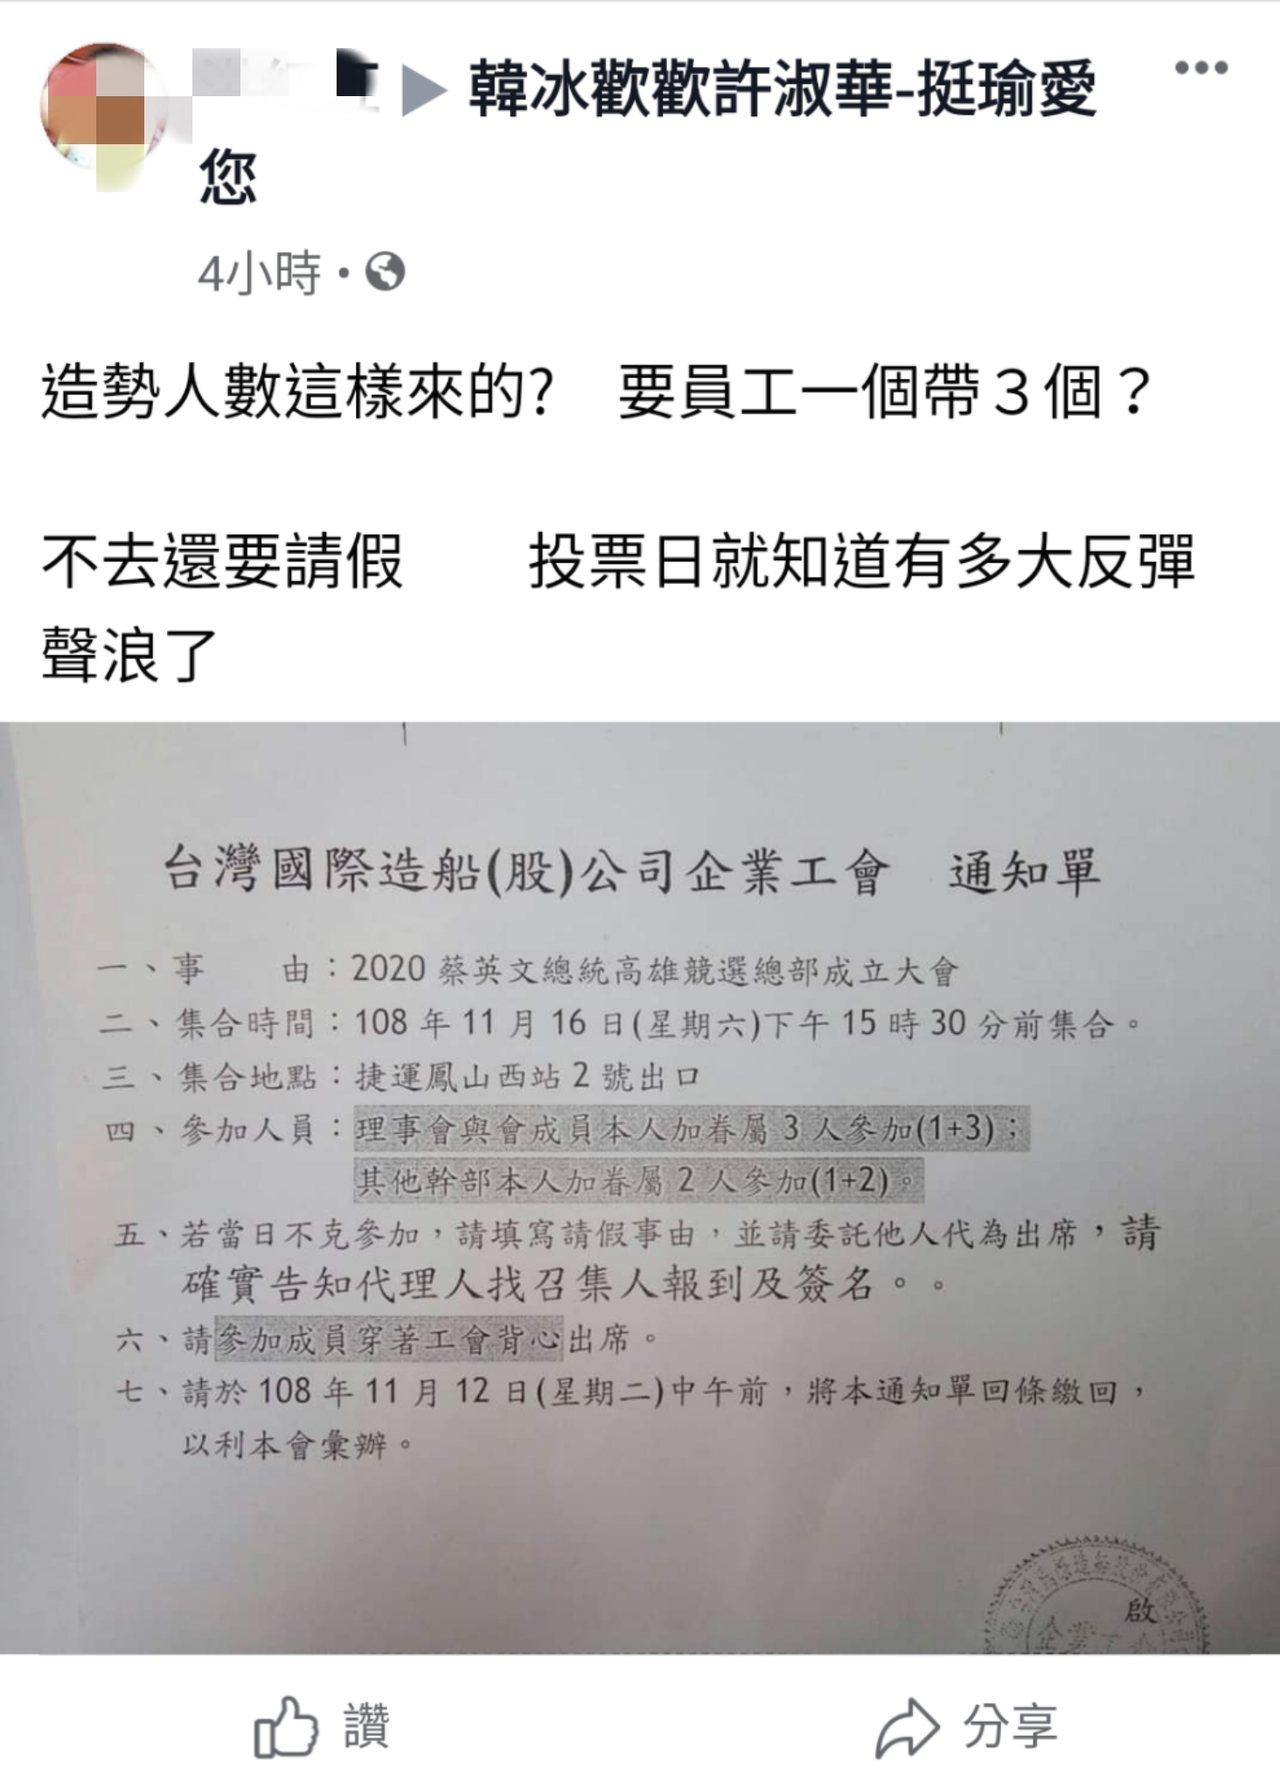 網友在臉書貼出台船工會動員通知。圖片翻攝臉書社團韓冰歡歡許淑華-挺瑜愛您。